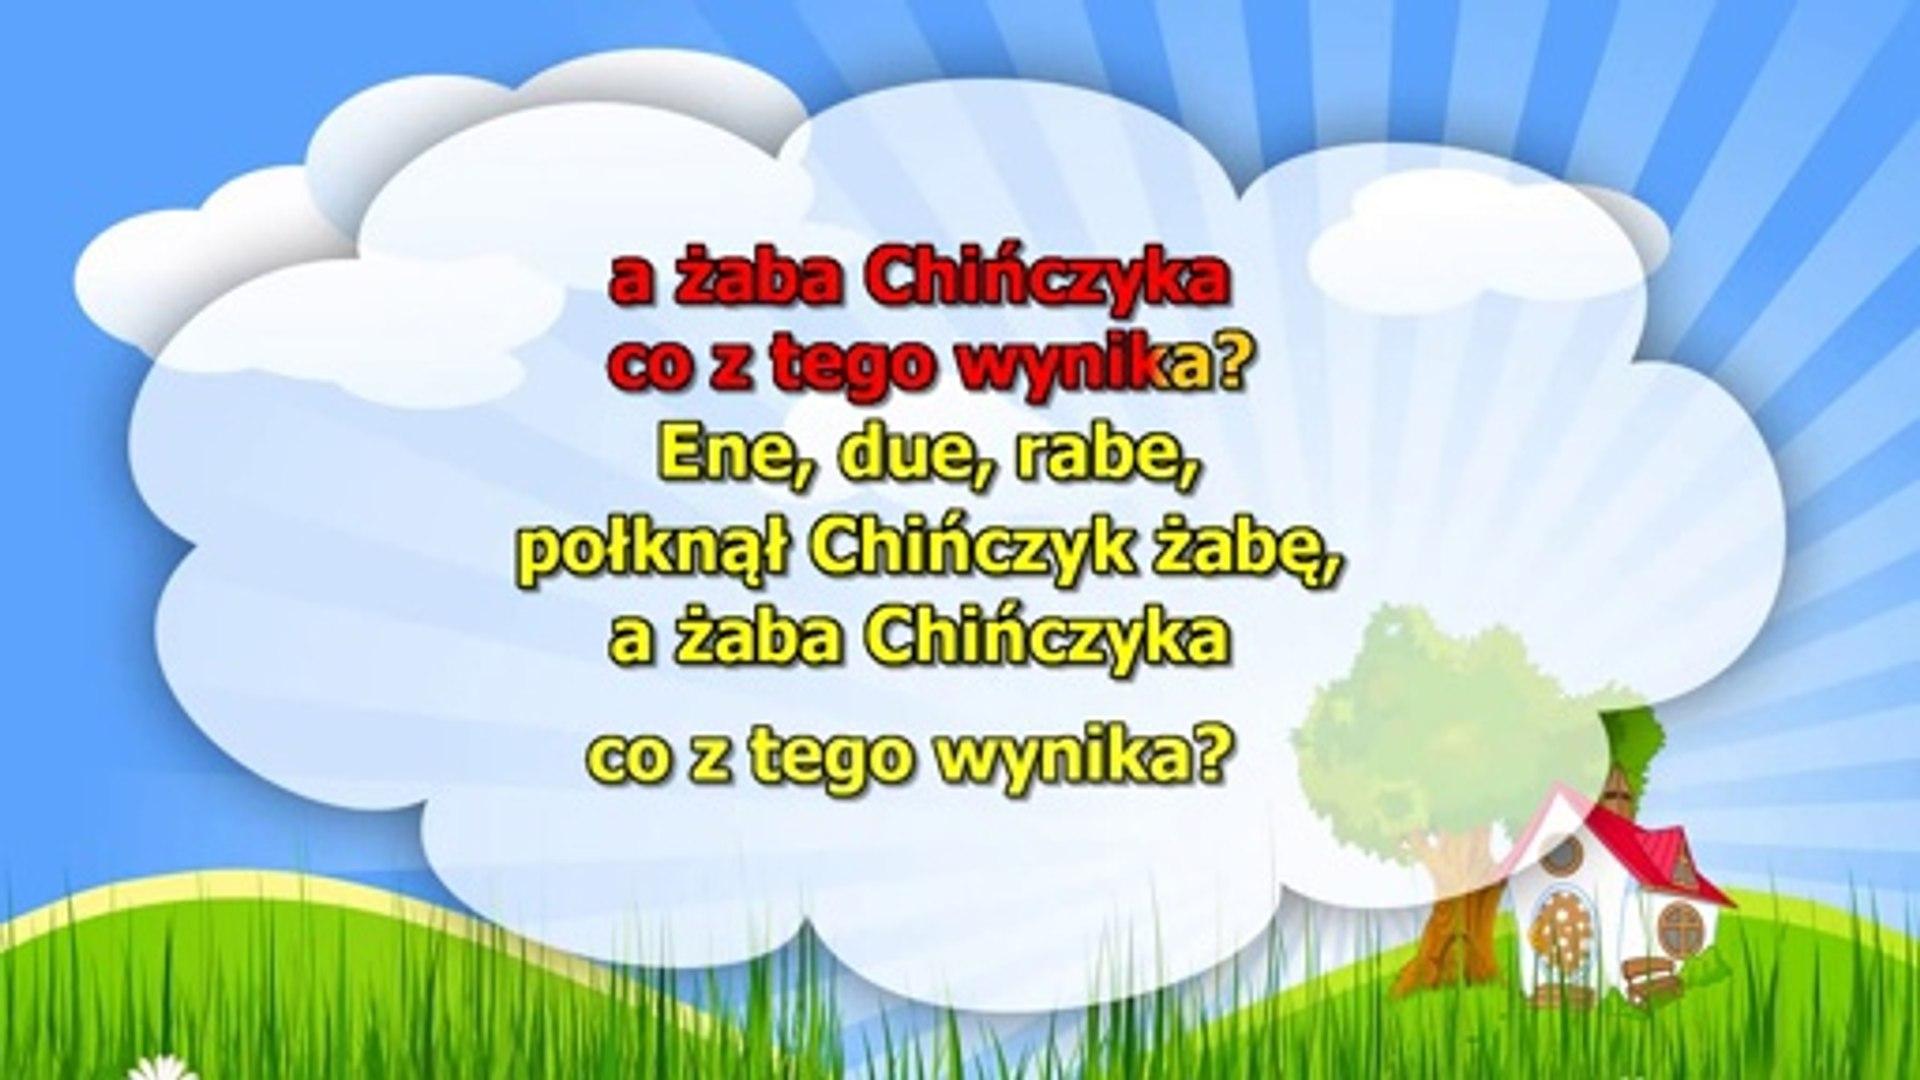 Ene Due Rabe Piosenki Dla Dzieci